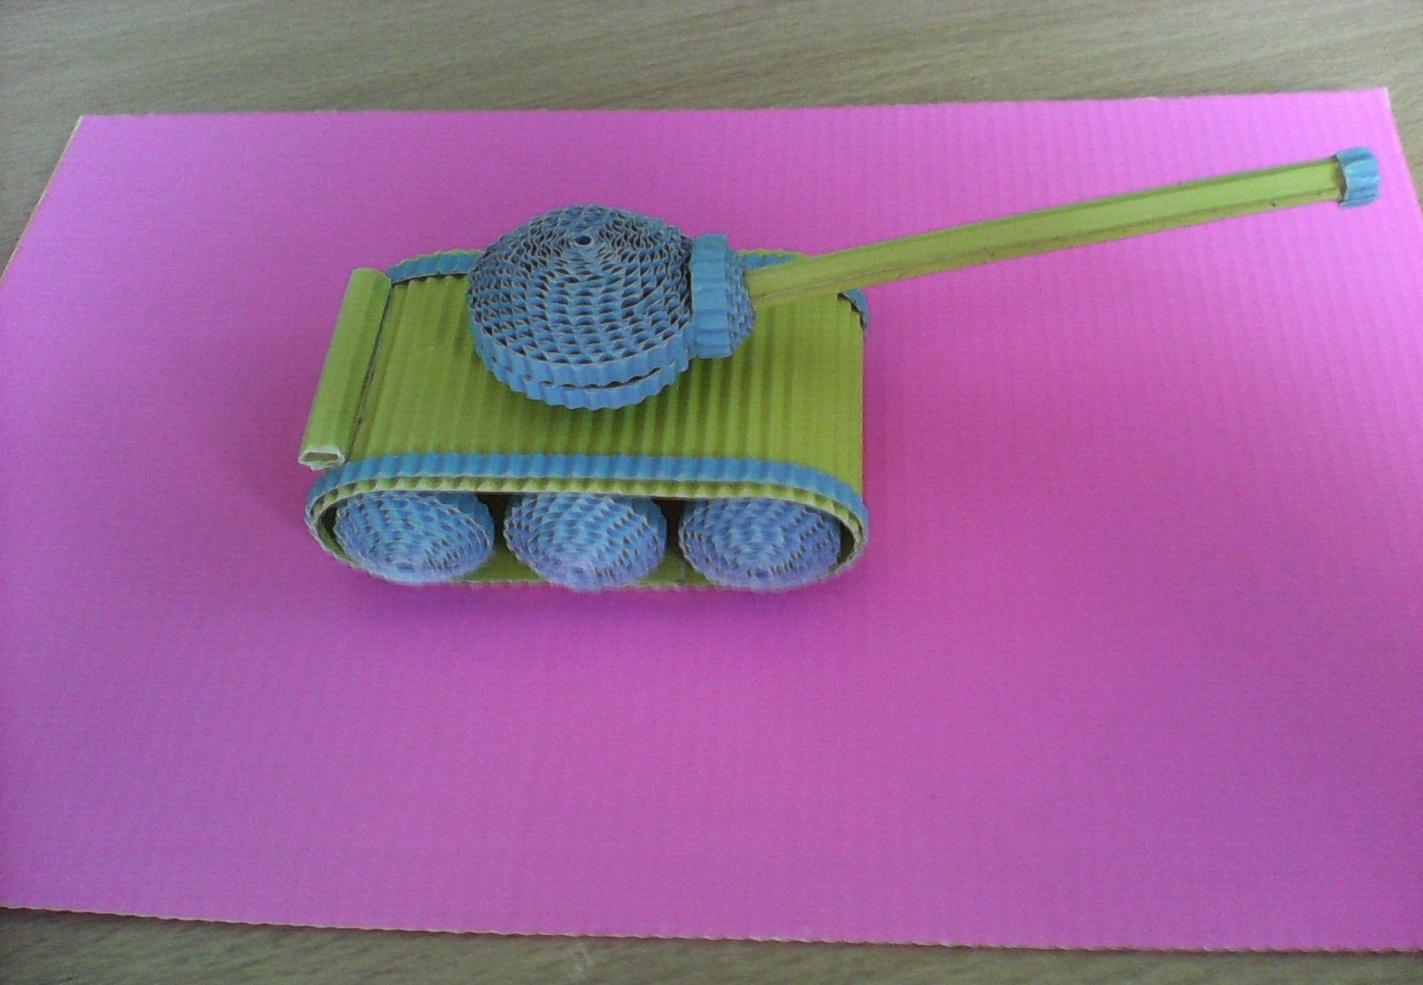 Модель можно подарить отцу или дедушке, а также использовать в качестве оригинального сувенира или игрушки